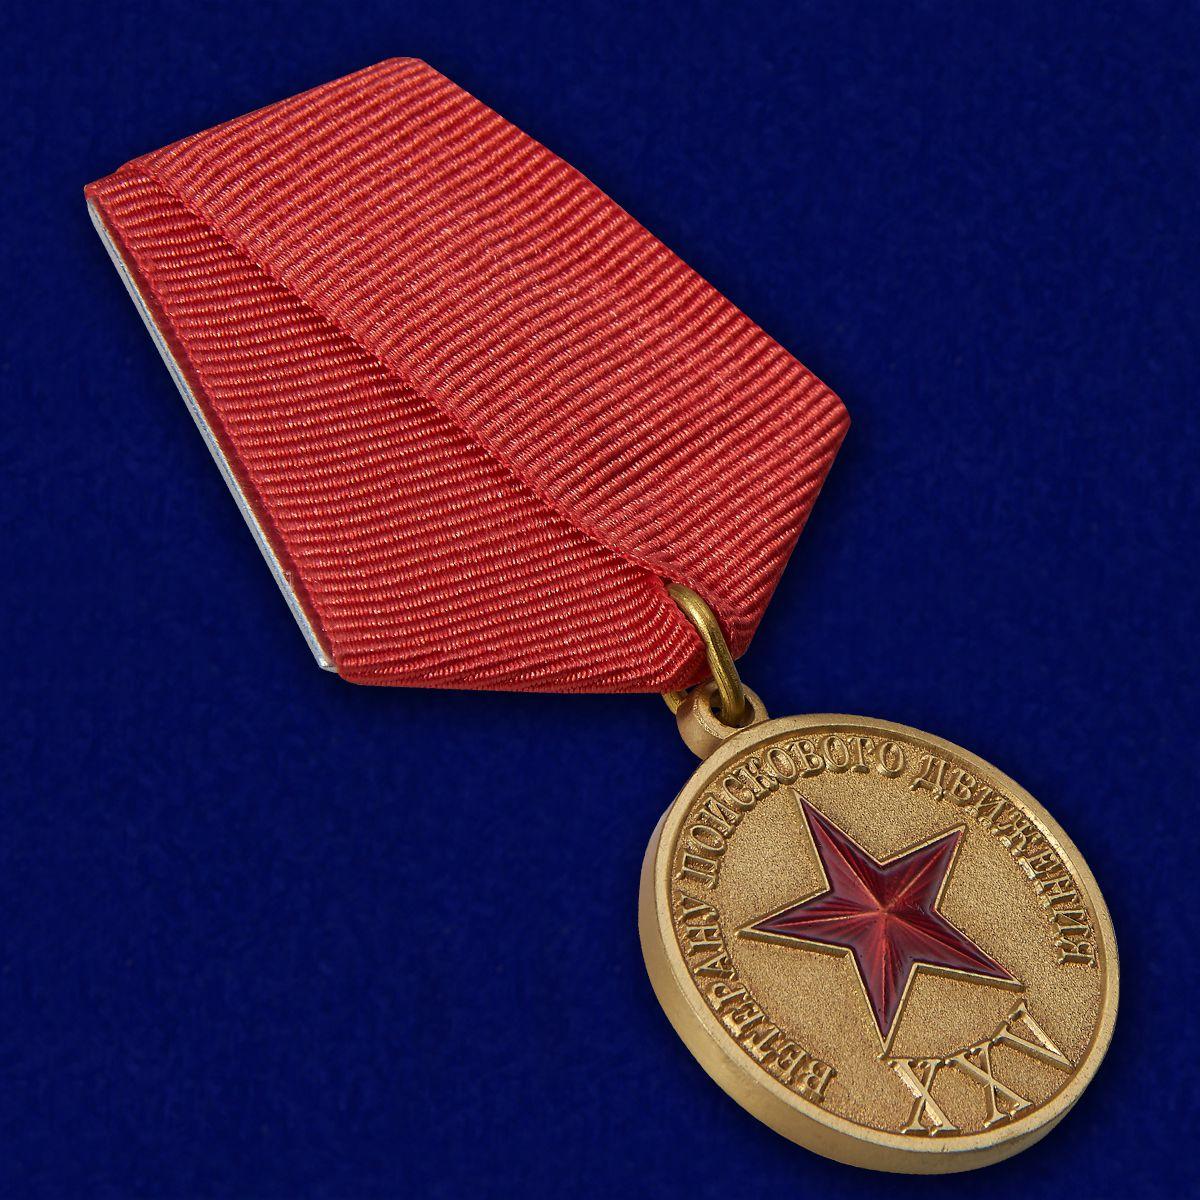 Цена медали Ветерану поискового движения СНГ